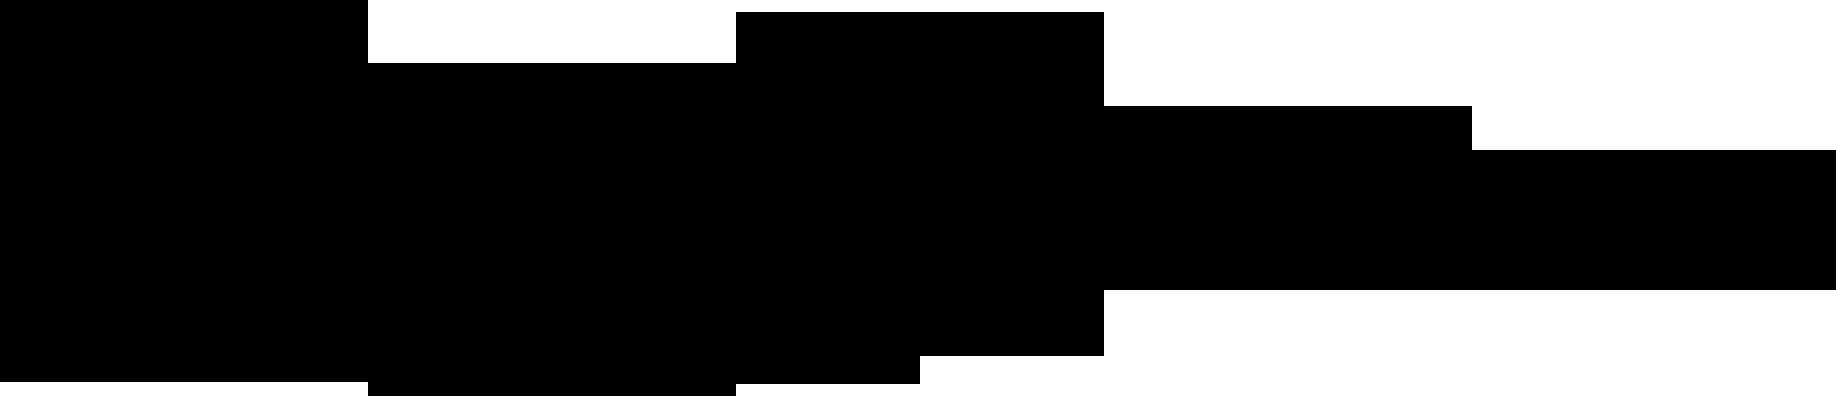 NCLC Outreach - Cobrand Logo@2x - black.png